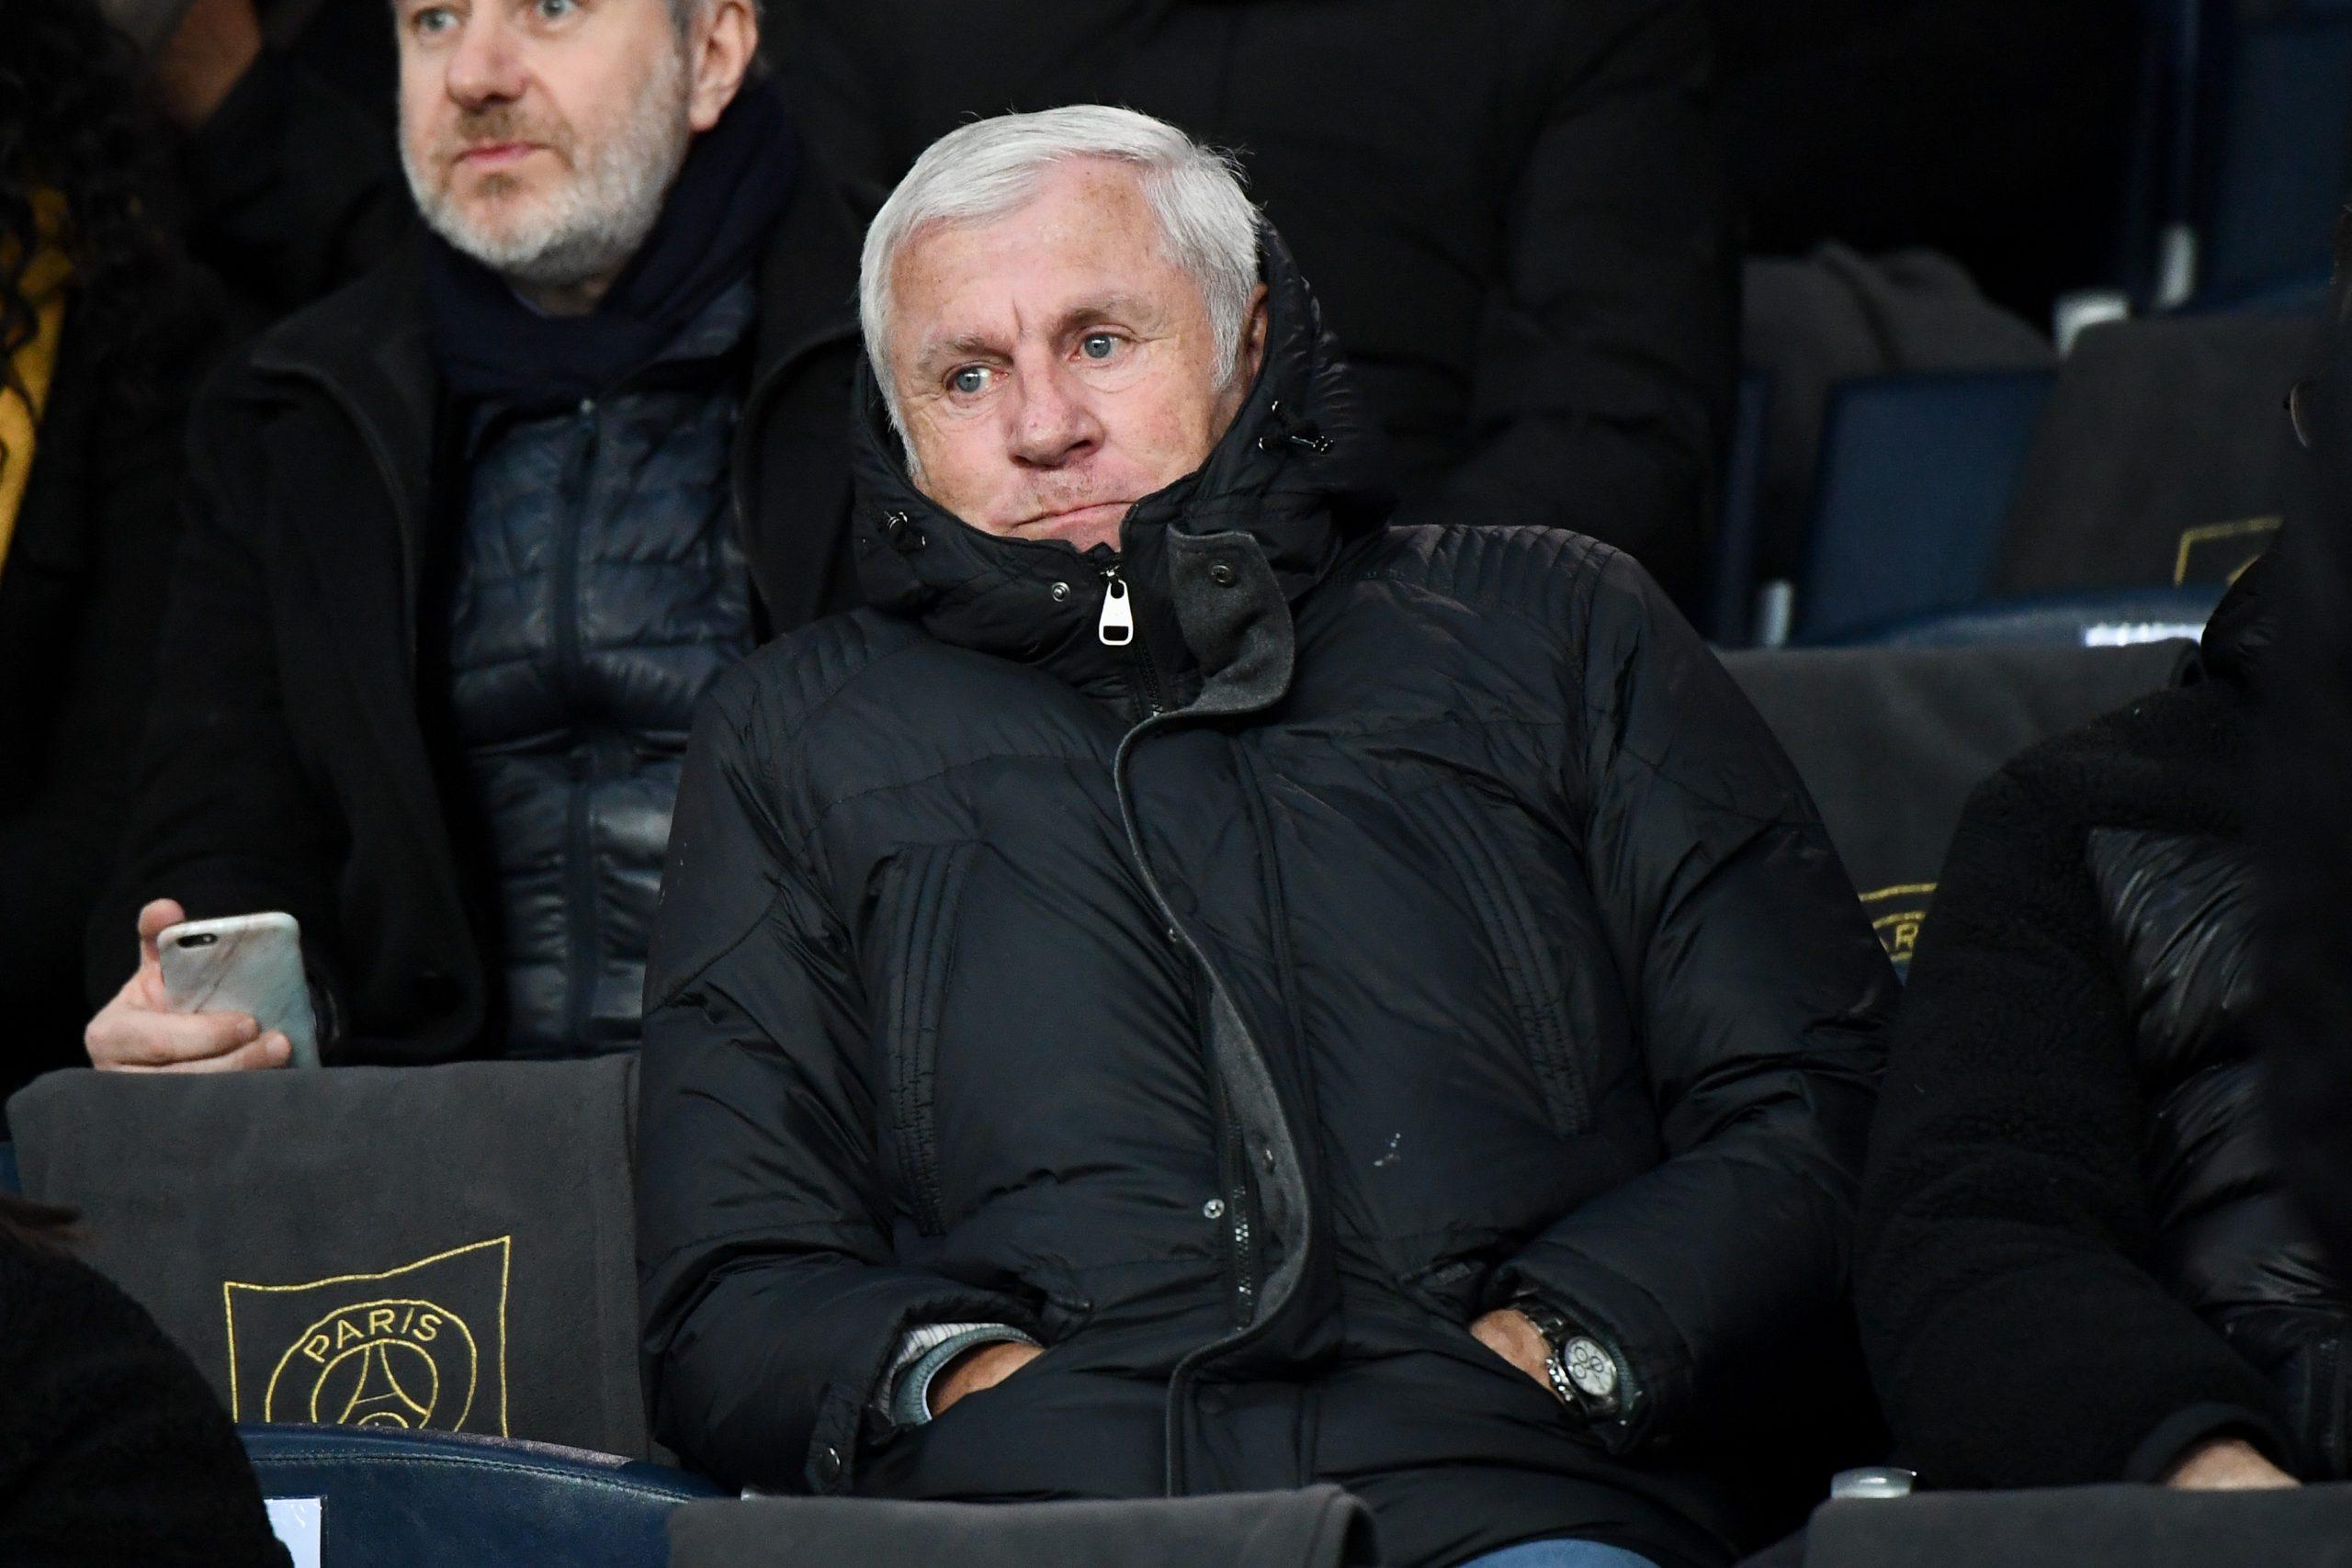 """PSG/Bayern - Fernandez reste prudent pour la suite de la LDC """"on ne devient pas favori"""""""